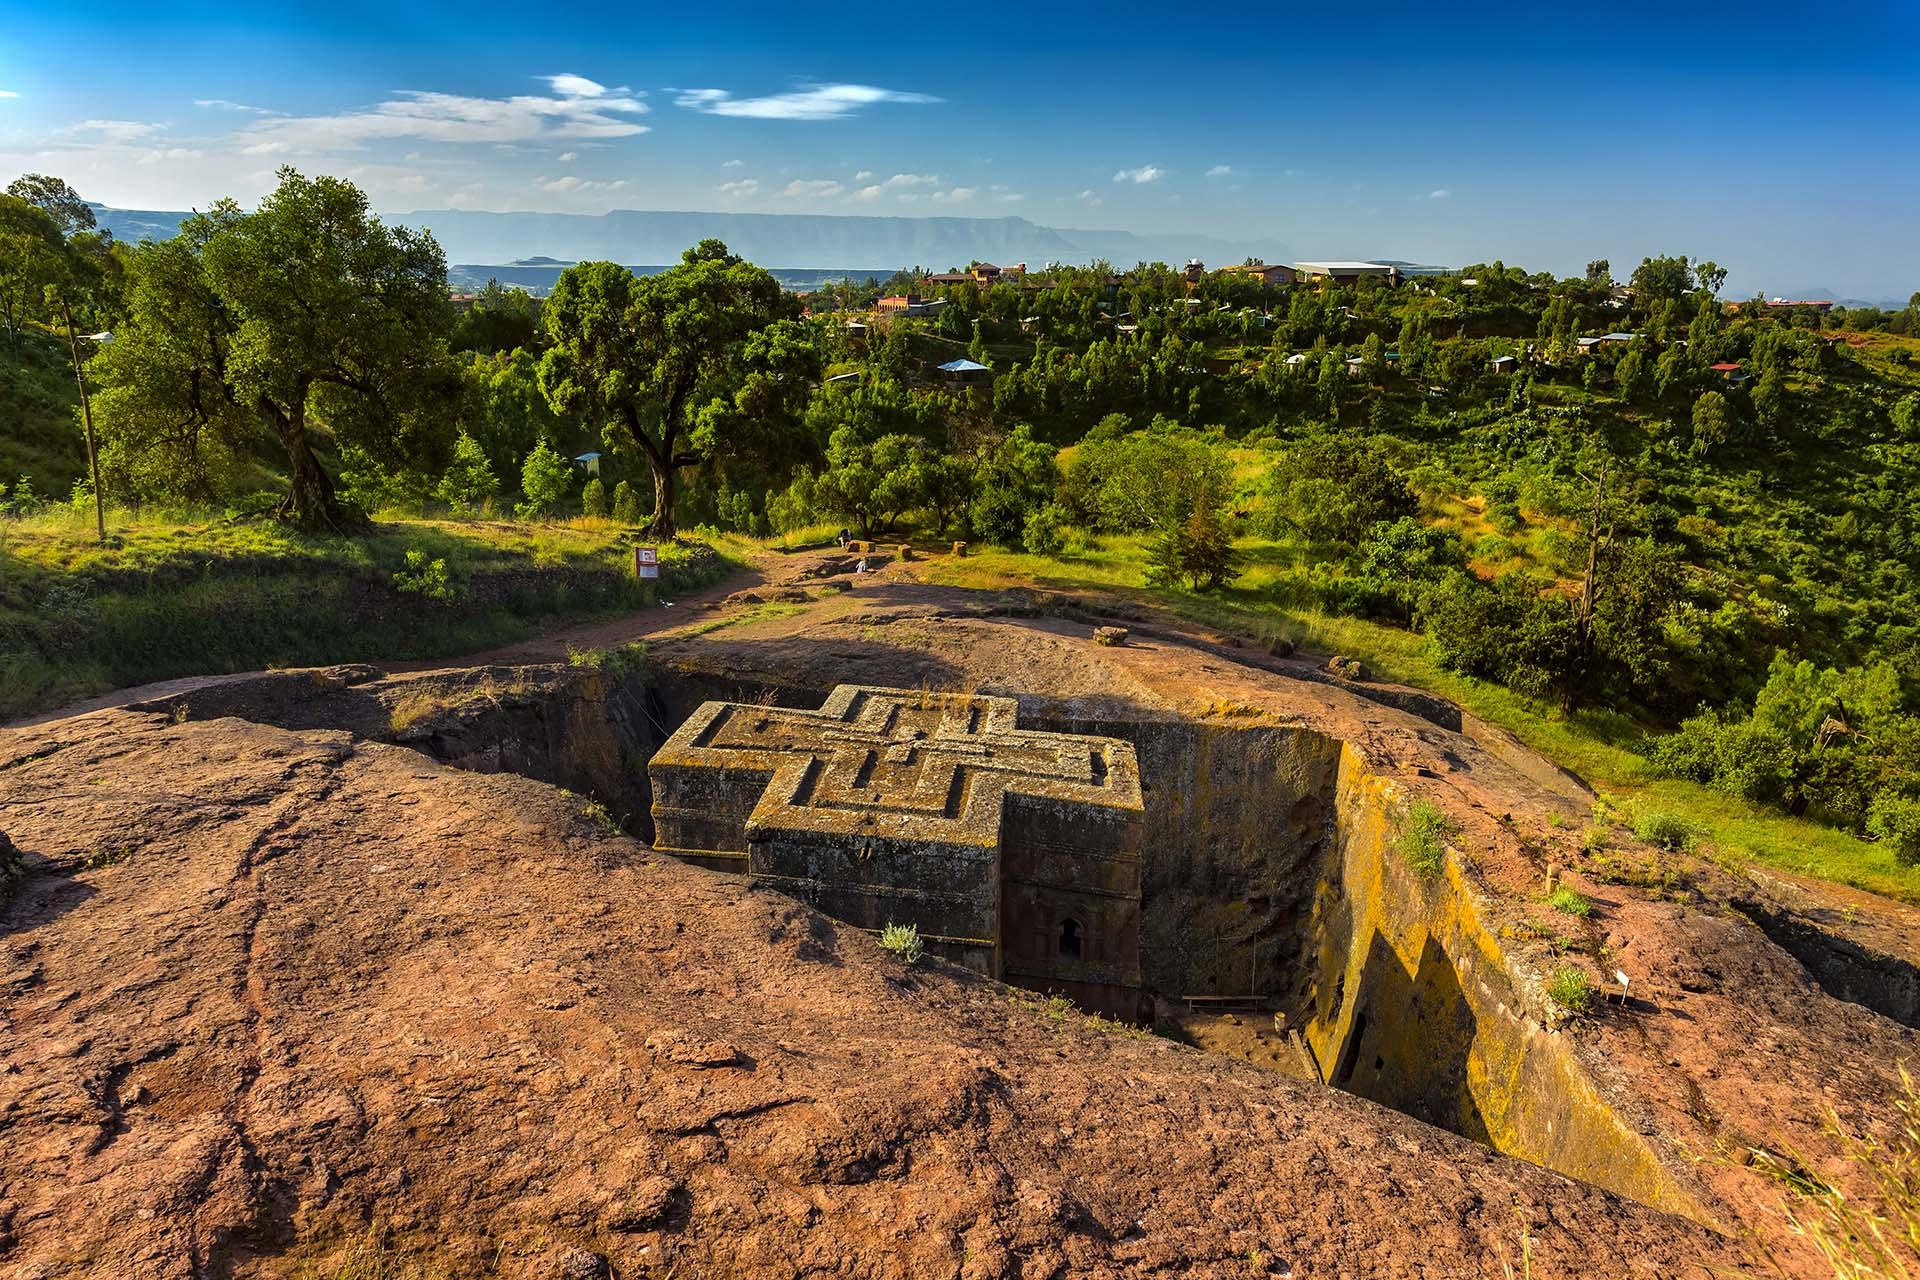 Etiopía está en al borde de un gran avance turístico. Según el WTTC, la economía turística de Etiopía se disparó un 48,6% en 2018